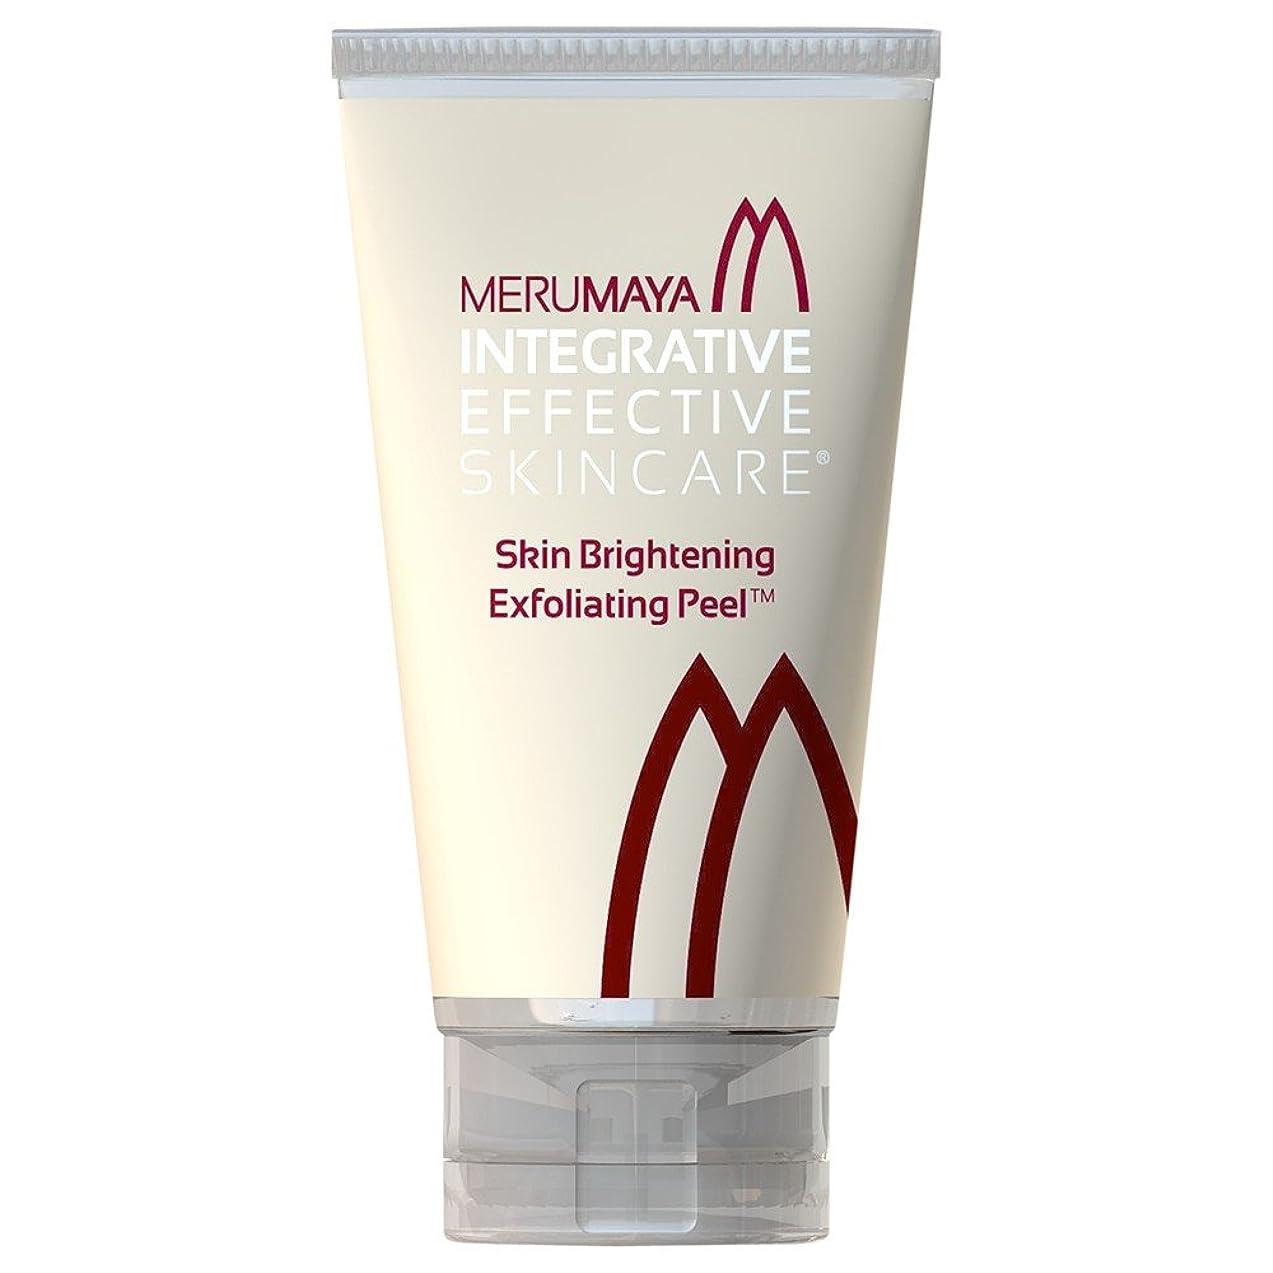 プログラム悲しい好意的Merumayaスキンブライトニングピーリング剥離?の50ミリリットル (Merumaya) - MERUMAYA Skin Brightening Exfoliating Peel? 50ml [並行輸入品]